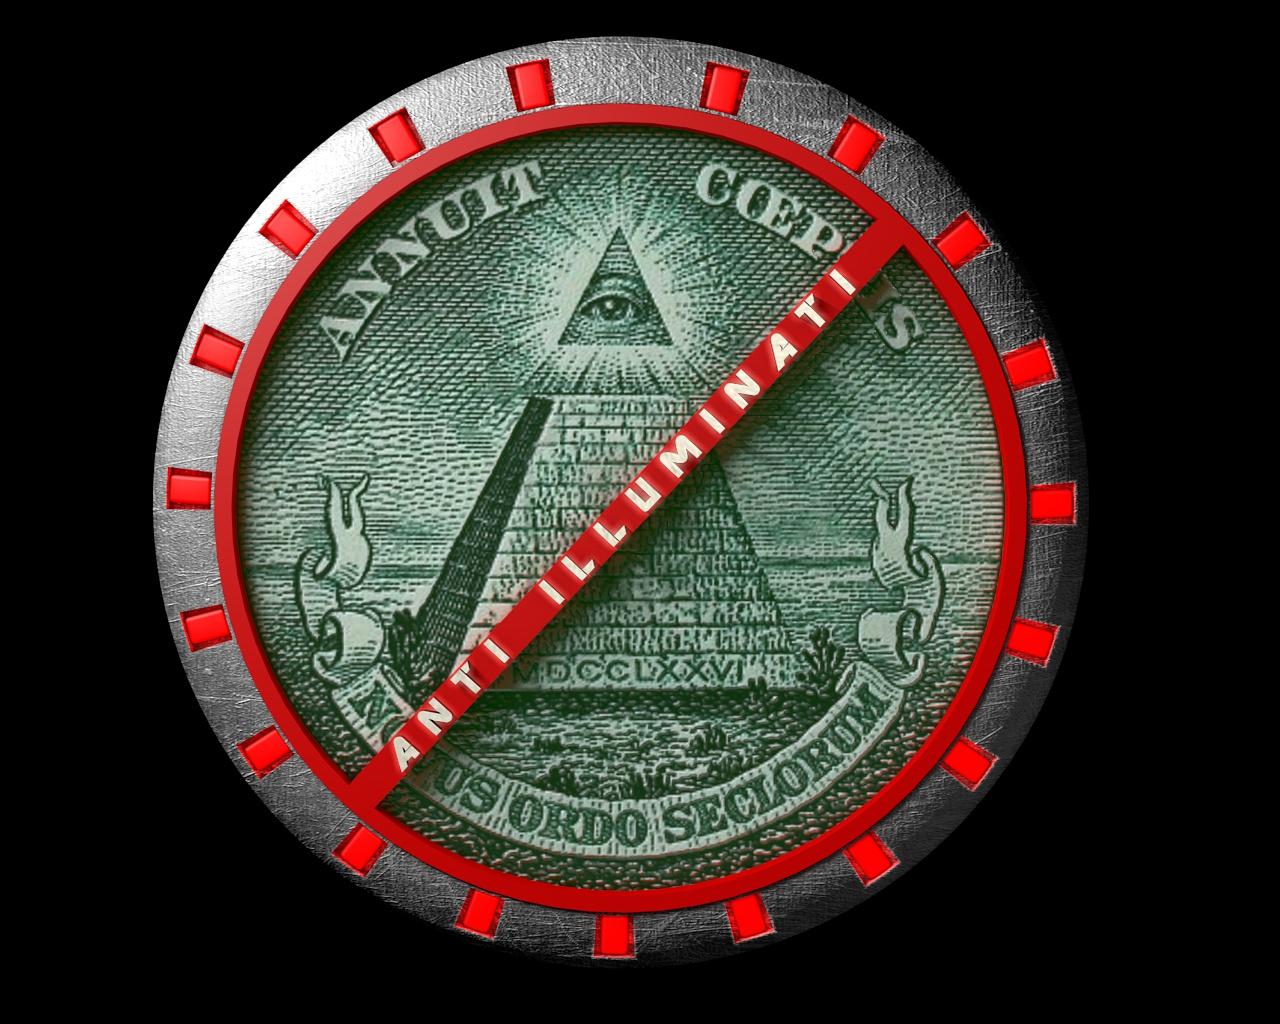 http://2.bp.blogspot.com/-jS37z46AhuE/ULy7pKAebyI/AAAAAAAALbs/fm8JARY3sJ4/s1600/anti-illuminati.jpg